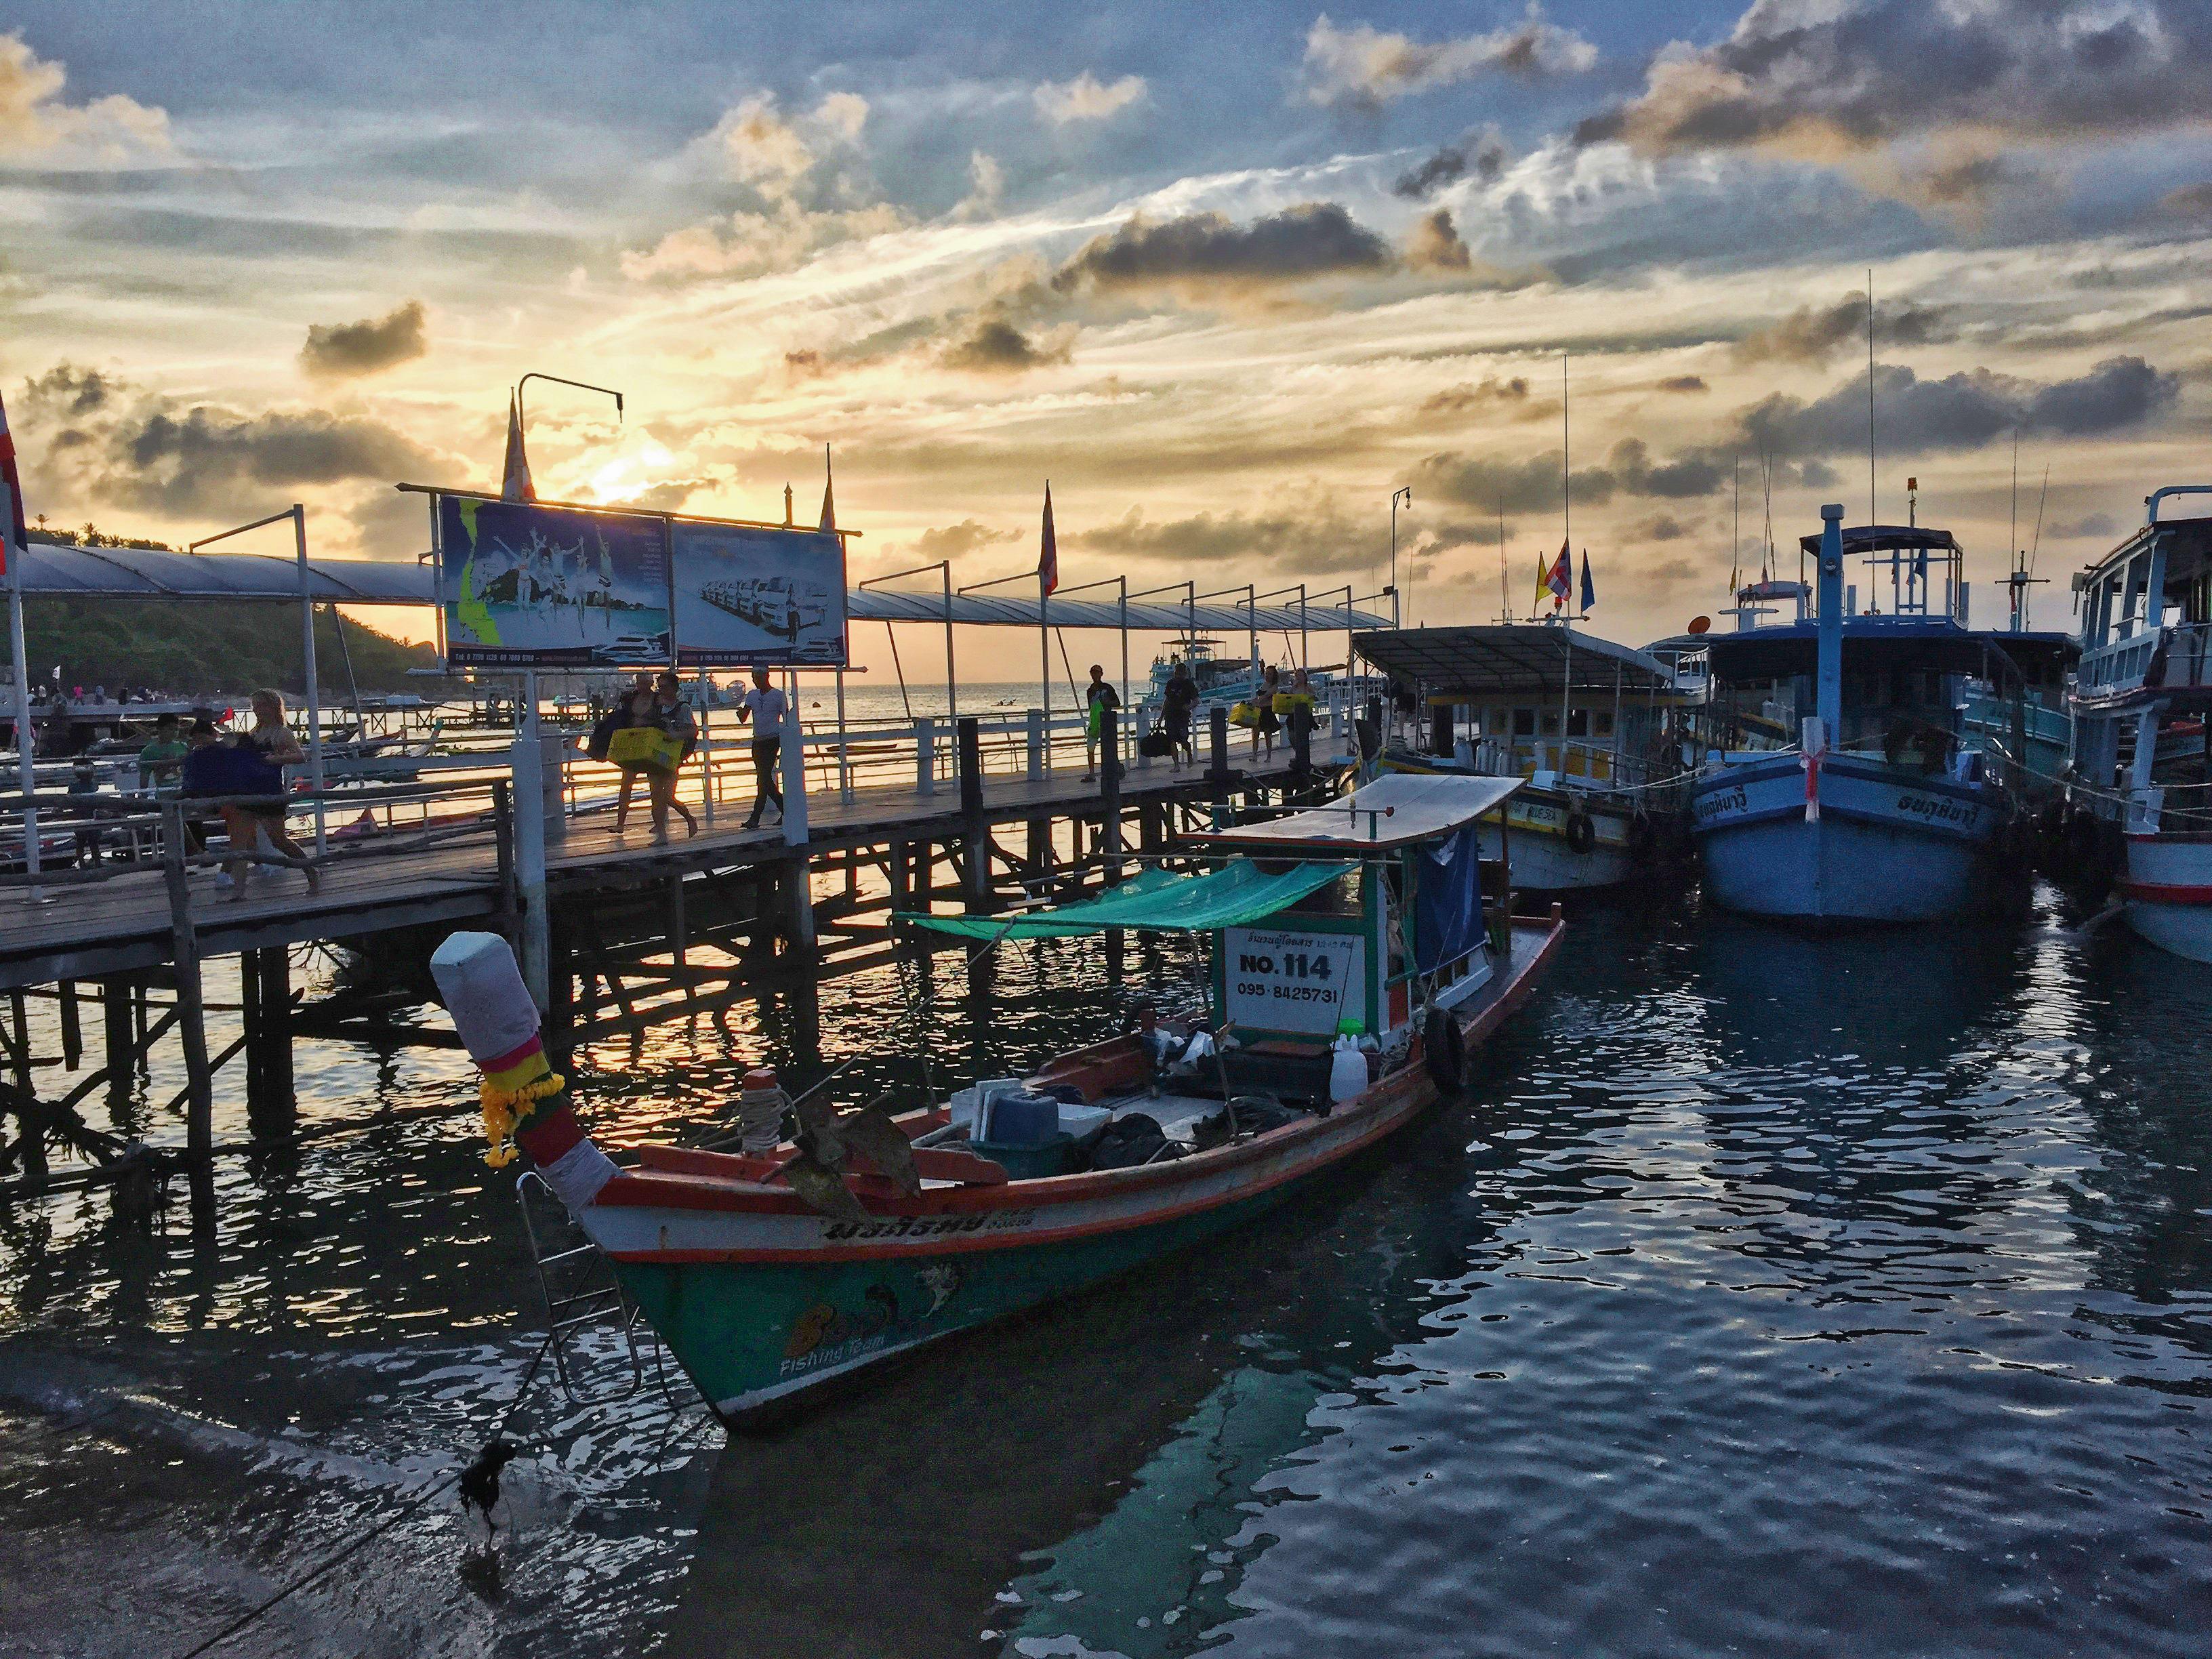 Ko Samui - Ko Phangan ferry pier